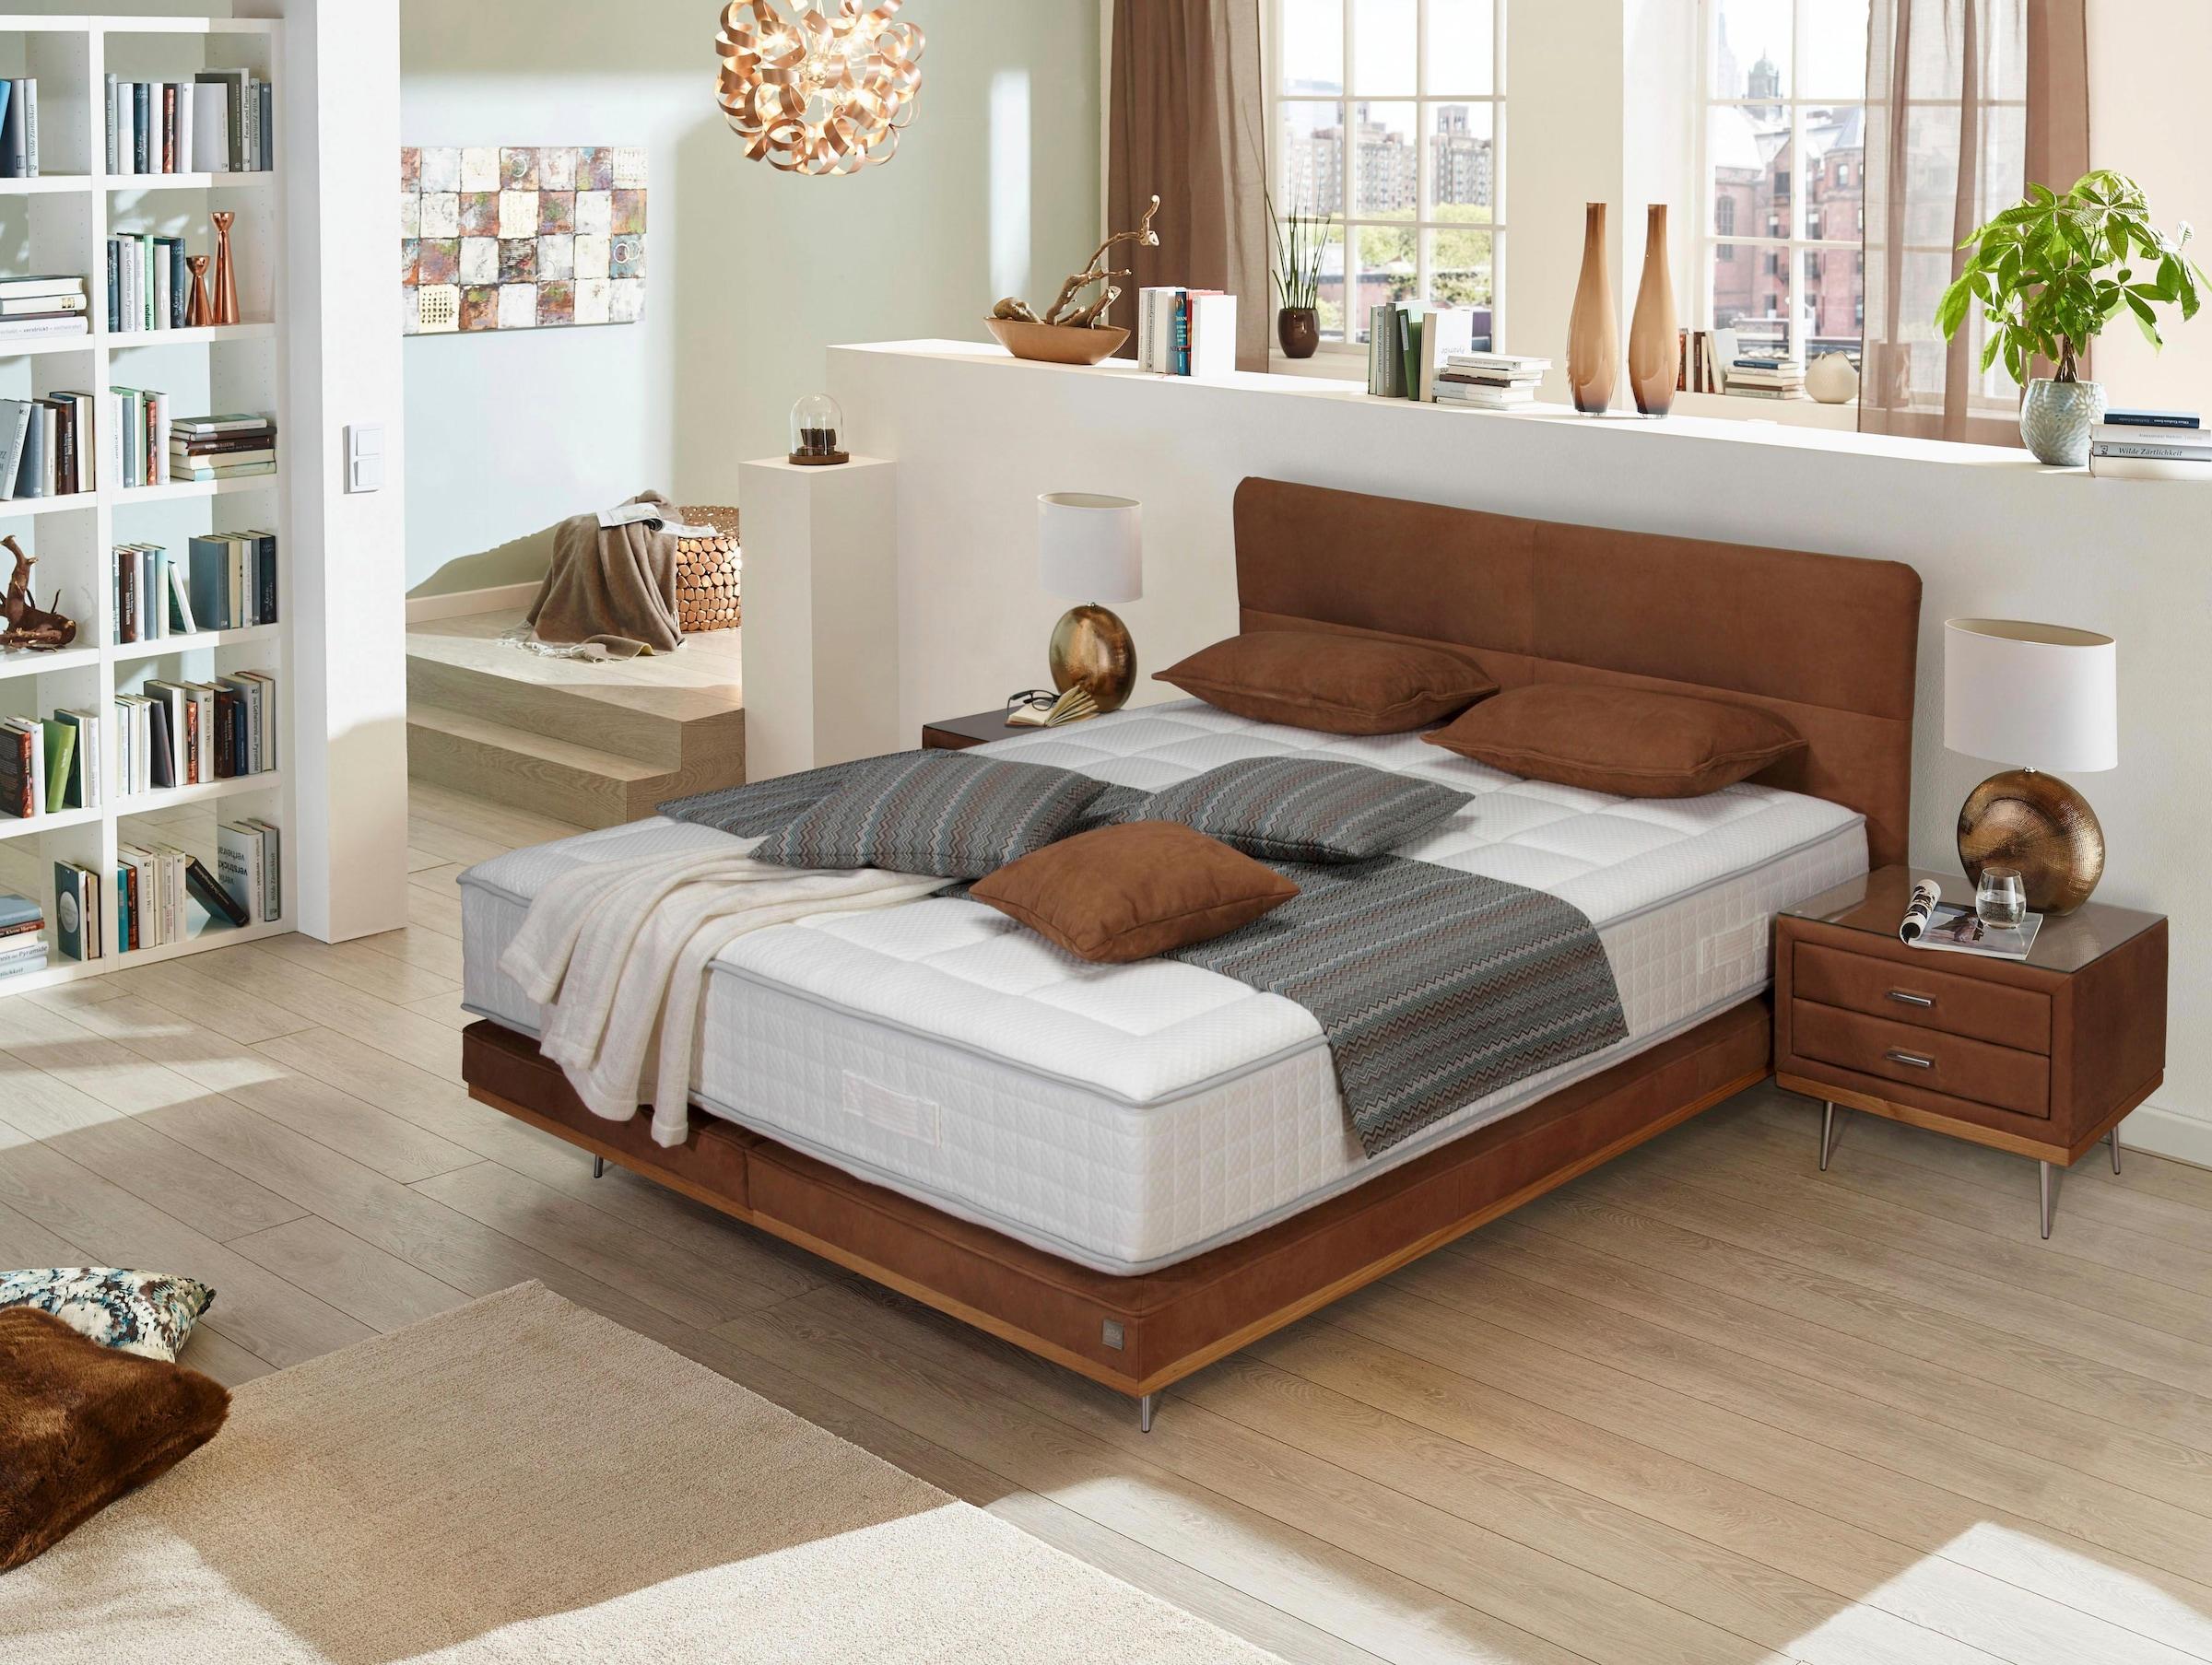 ADA premium Boxspringbett »Teana« BK TE51 KT TE02 mit Metallfuß und Holzleiste, in 3 Größe